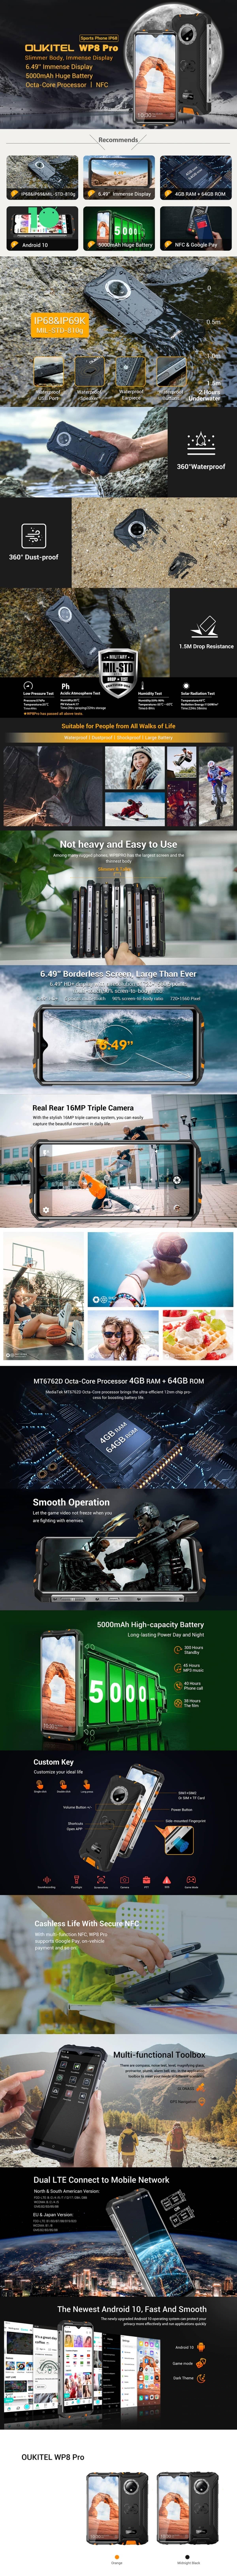 Oukitel-WP8-Pro2c853fa538c9762e.jpg